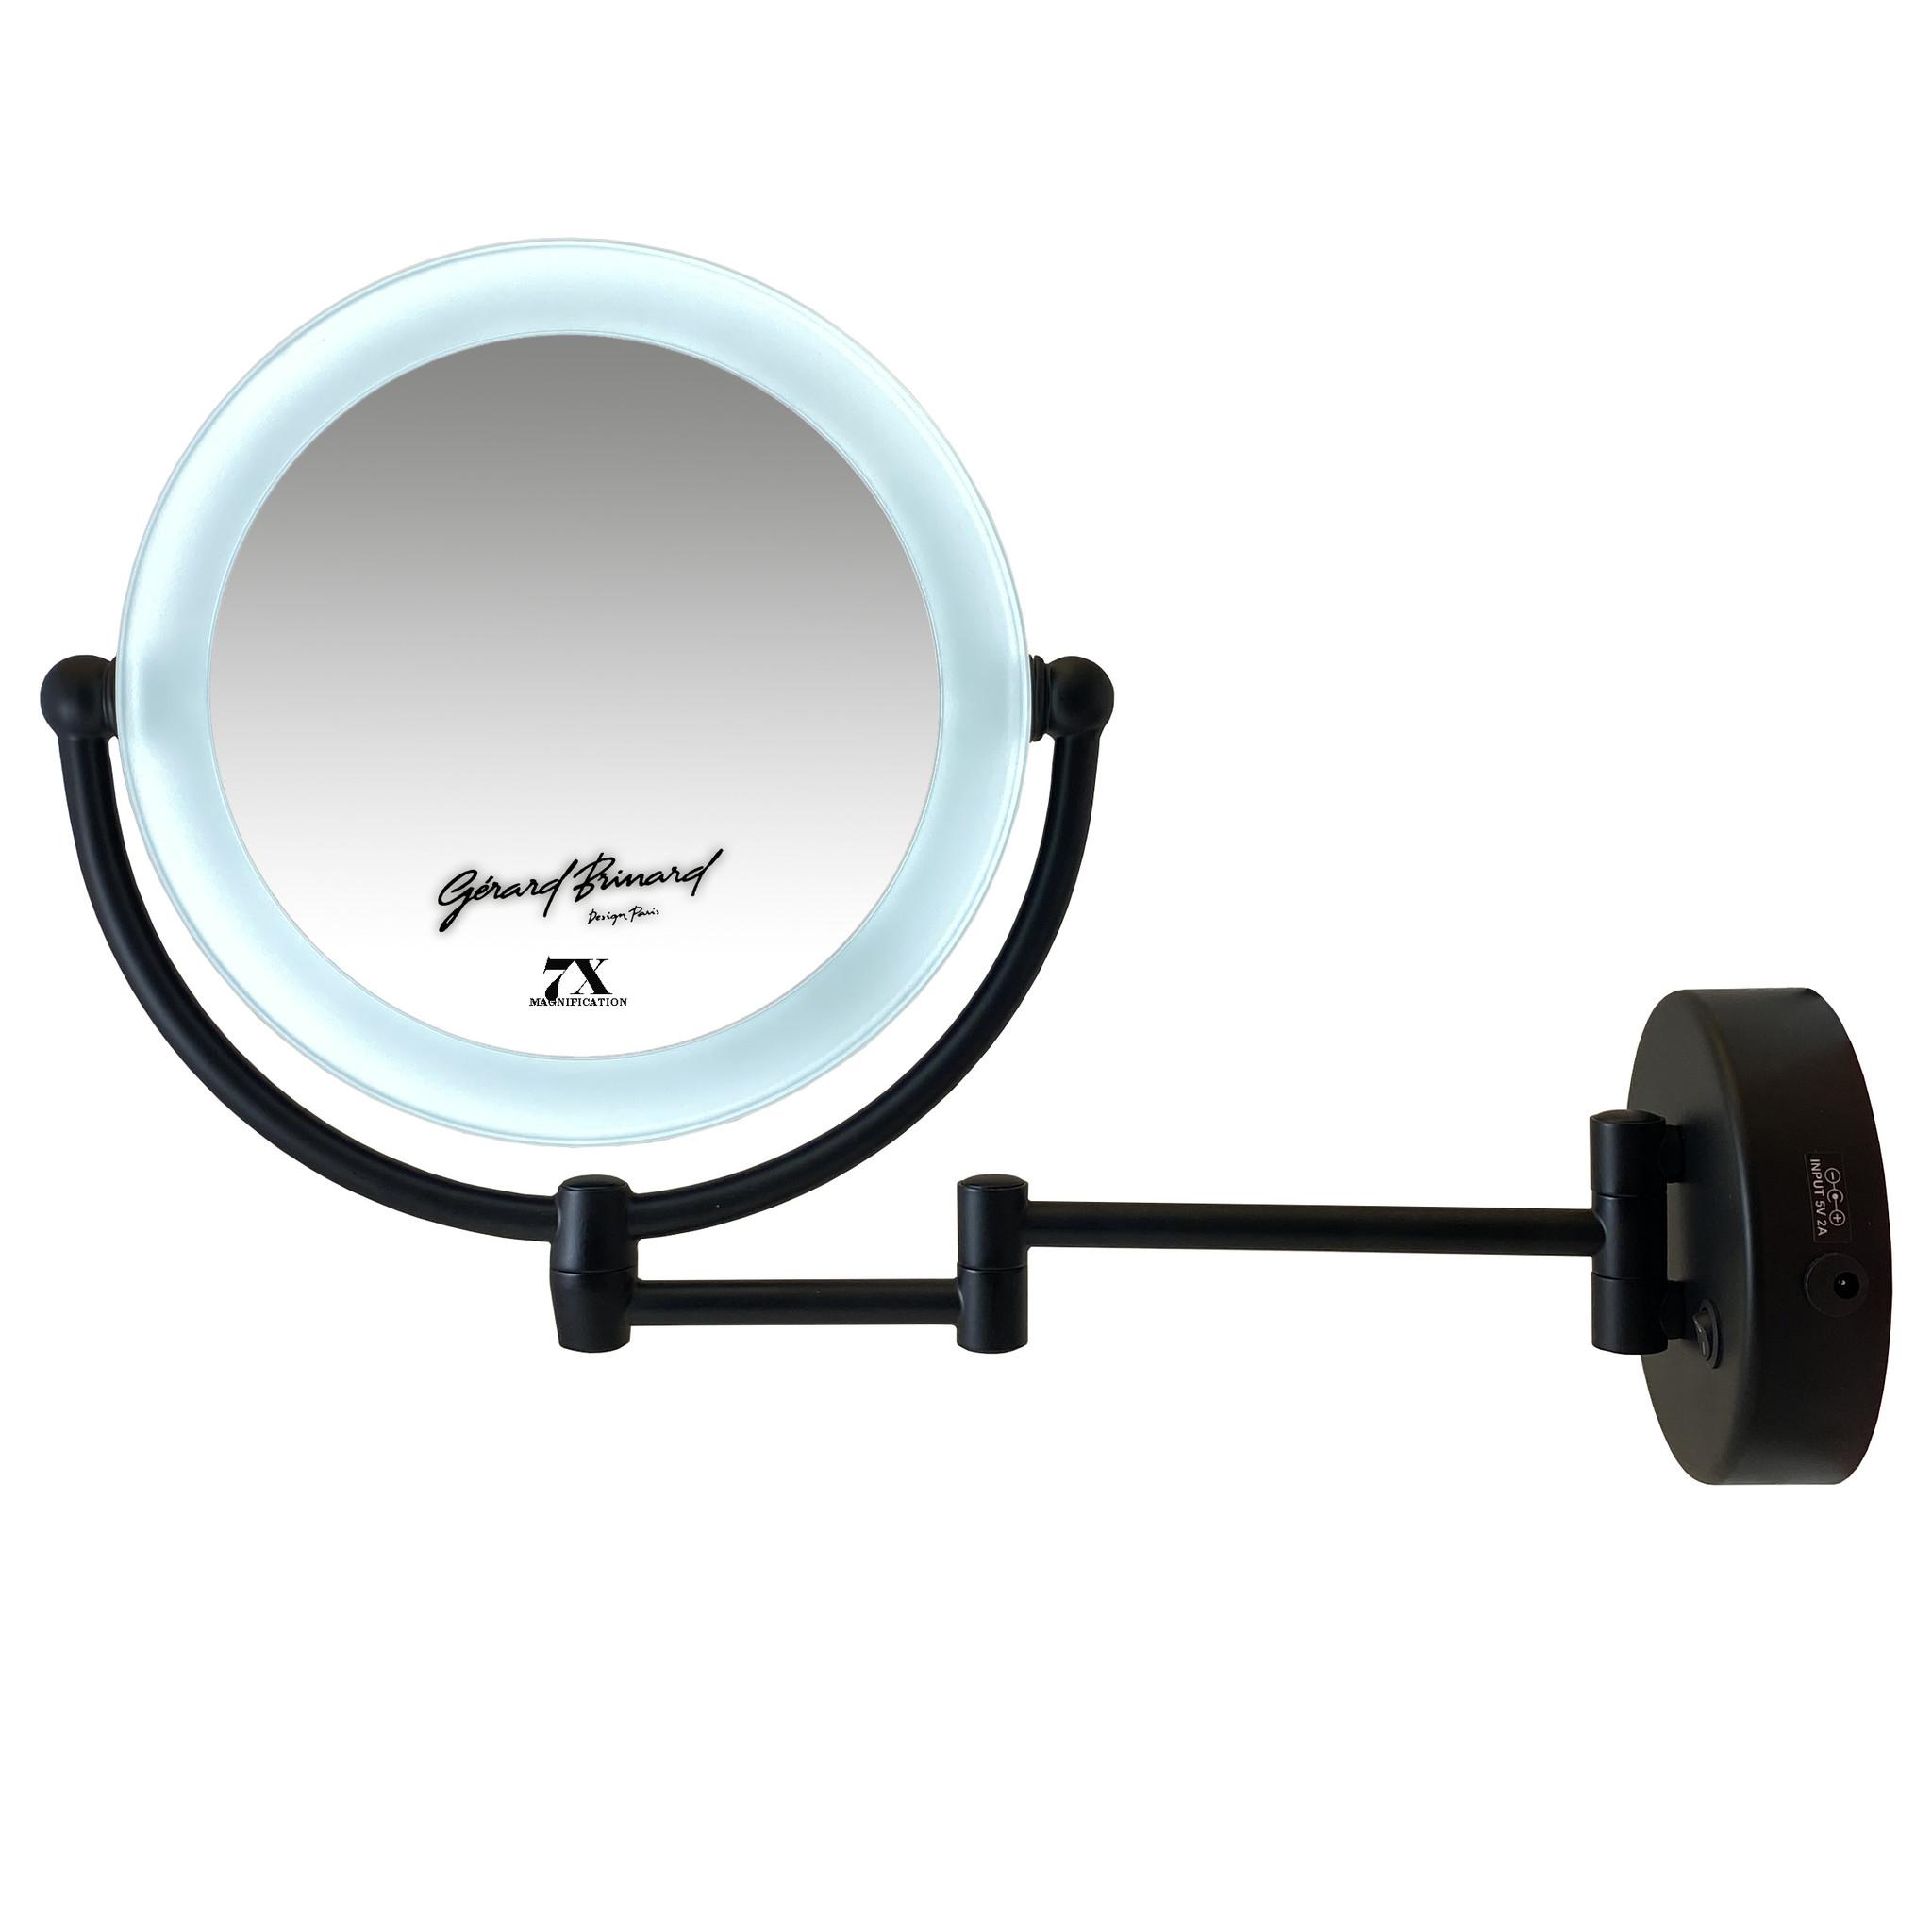 Gérard Brinard Metalen Make-up LED Spiegel Mat zwart 7x vergroting 19cm doorsnee, inculsief 4x AA batterijen en USB stroomkabel